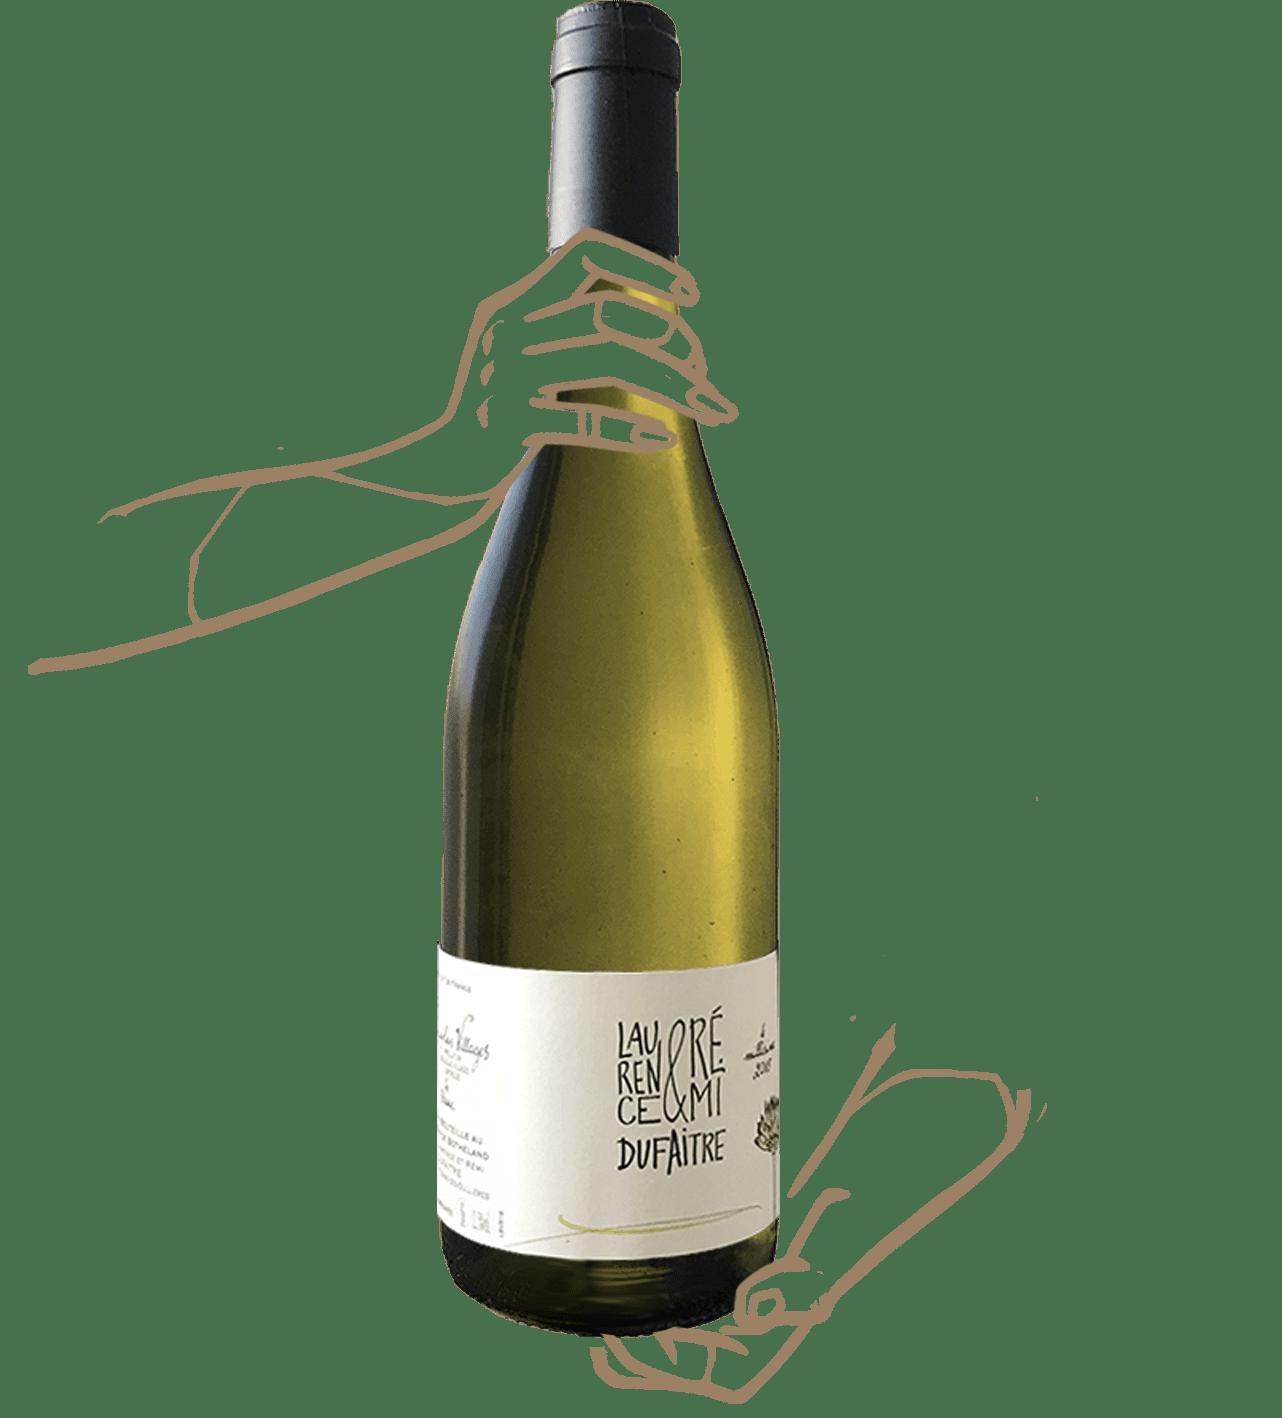 le blanc de remi dufaitre est un vin nature du beaujolais